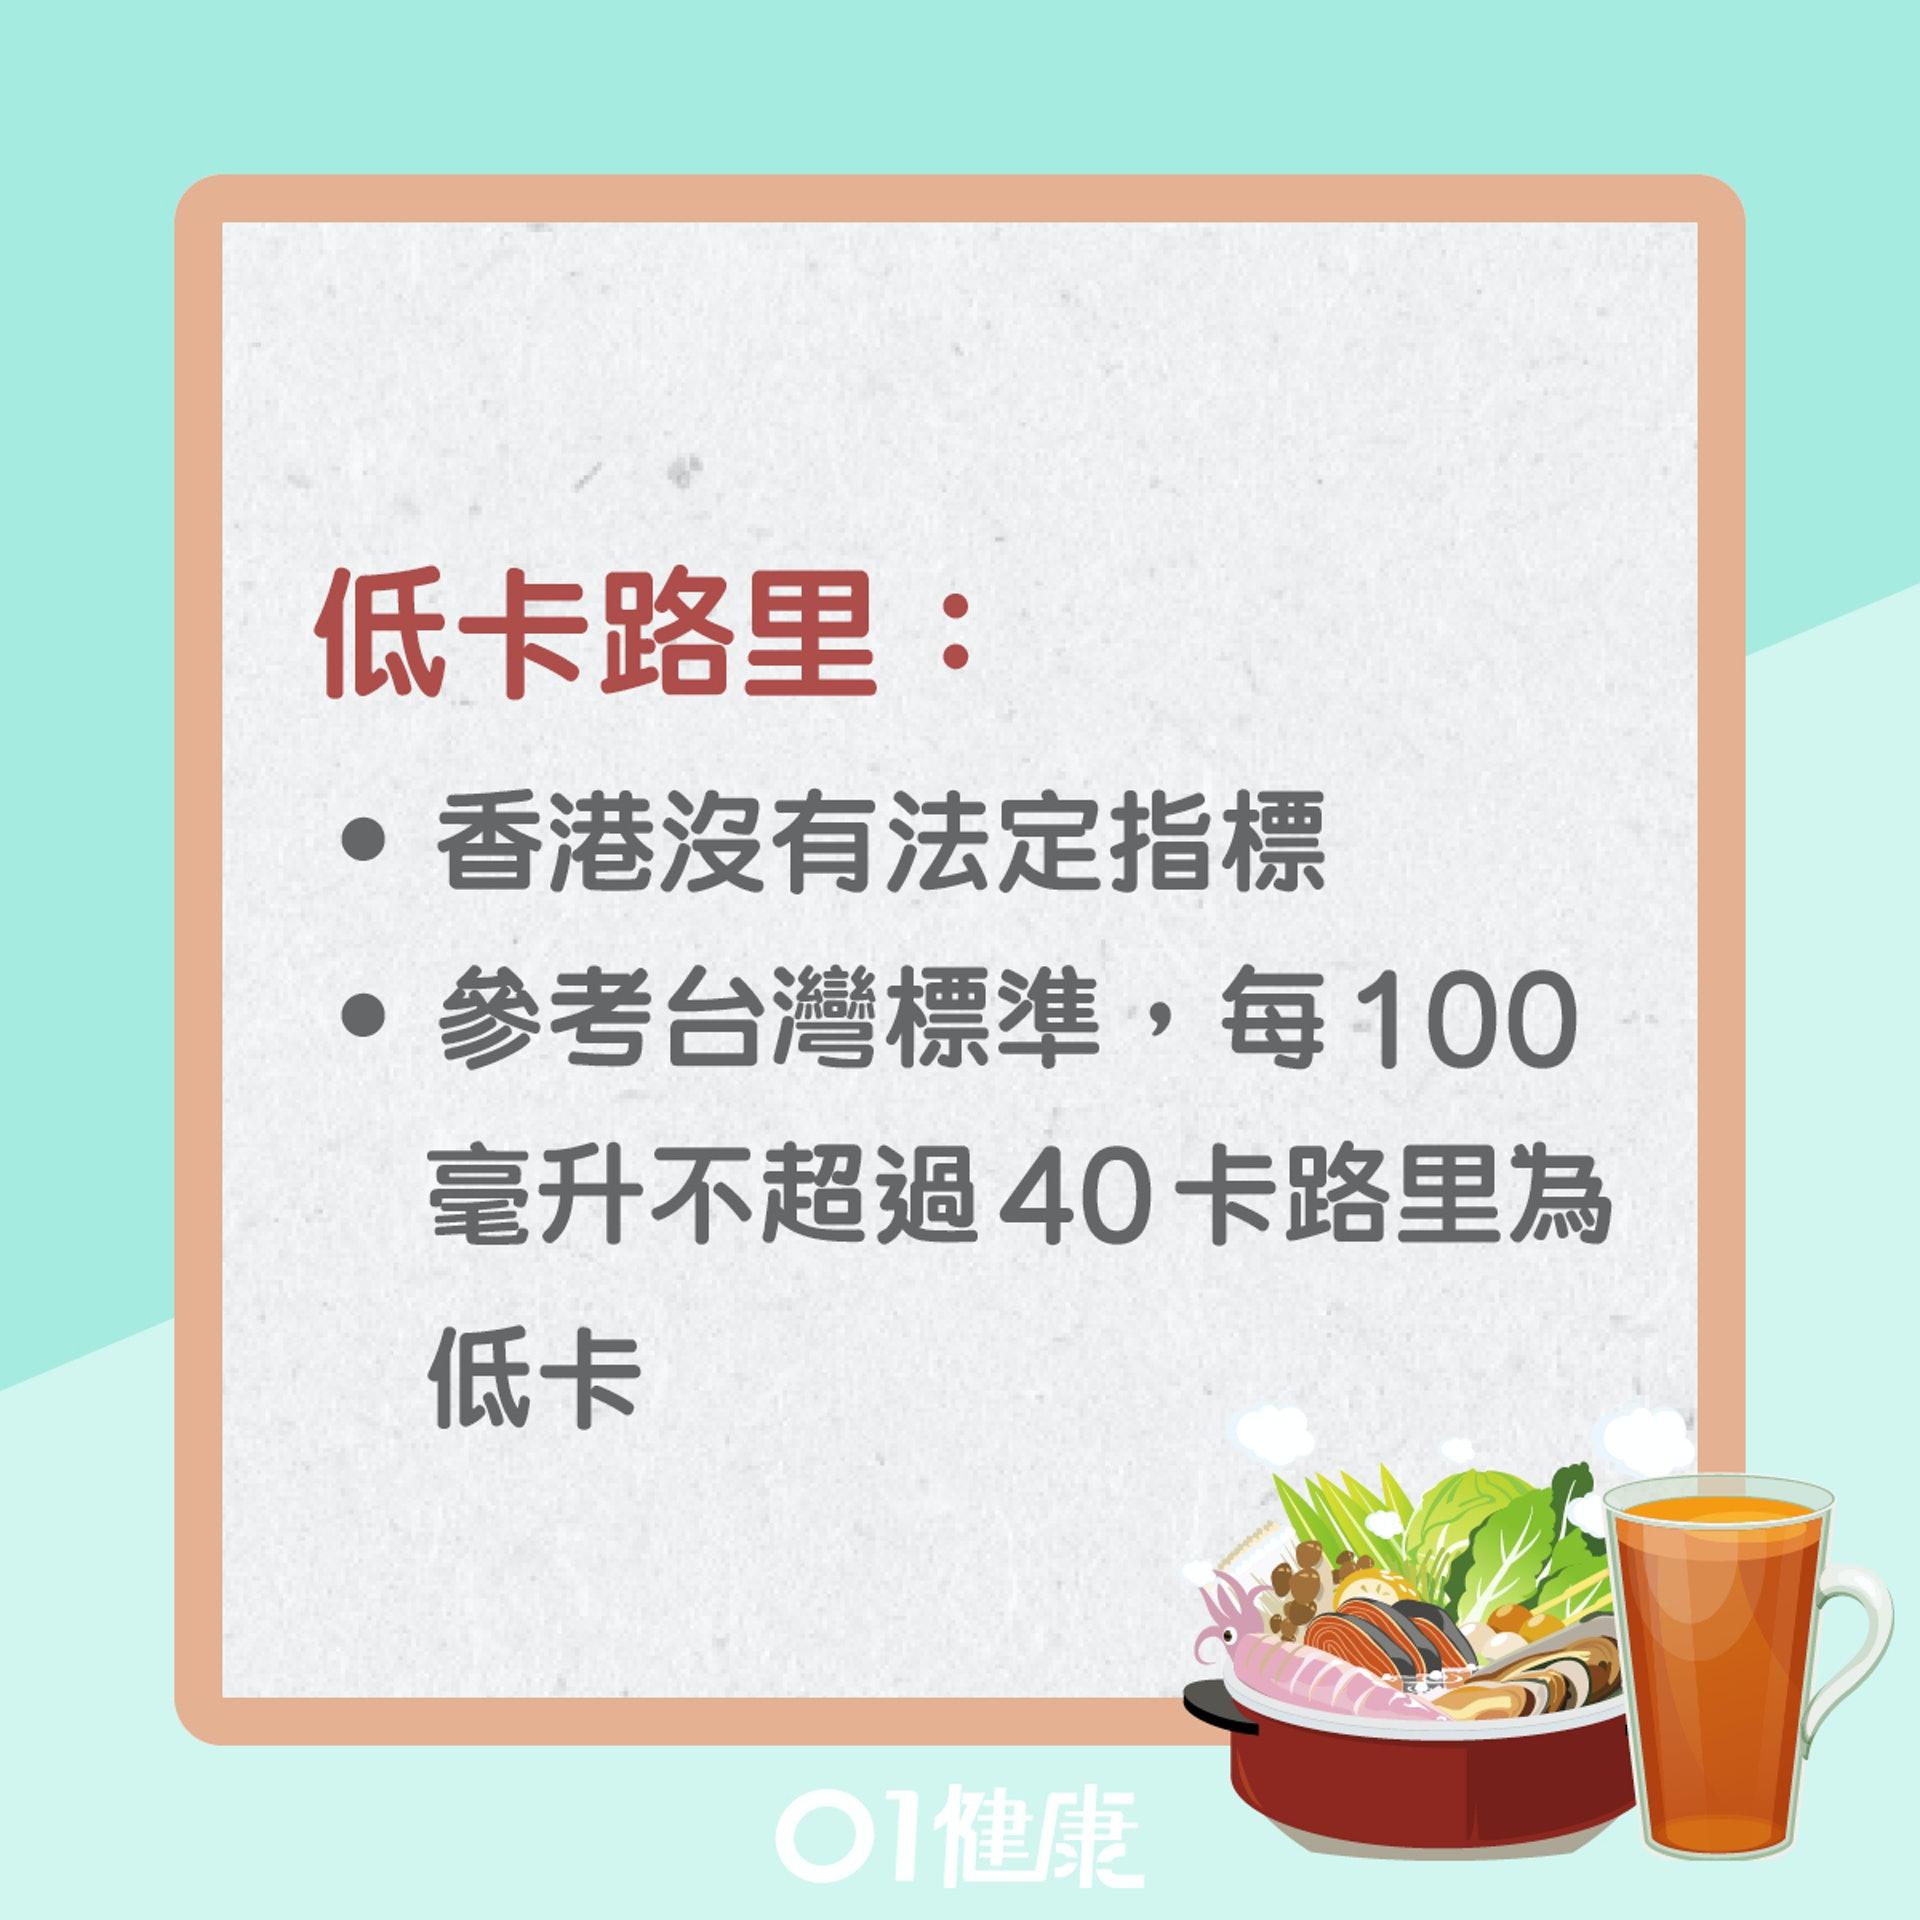 打邊爐挑選飲品貼士(01製圖)